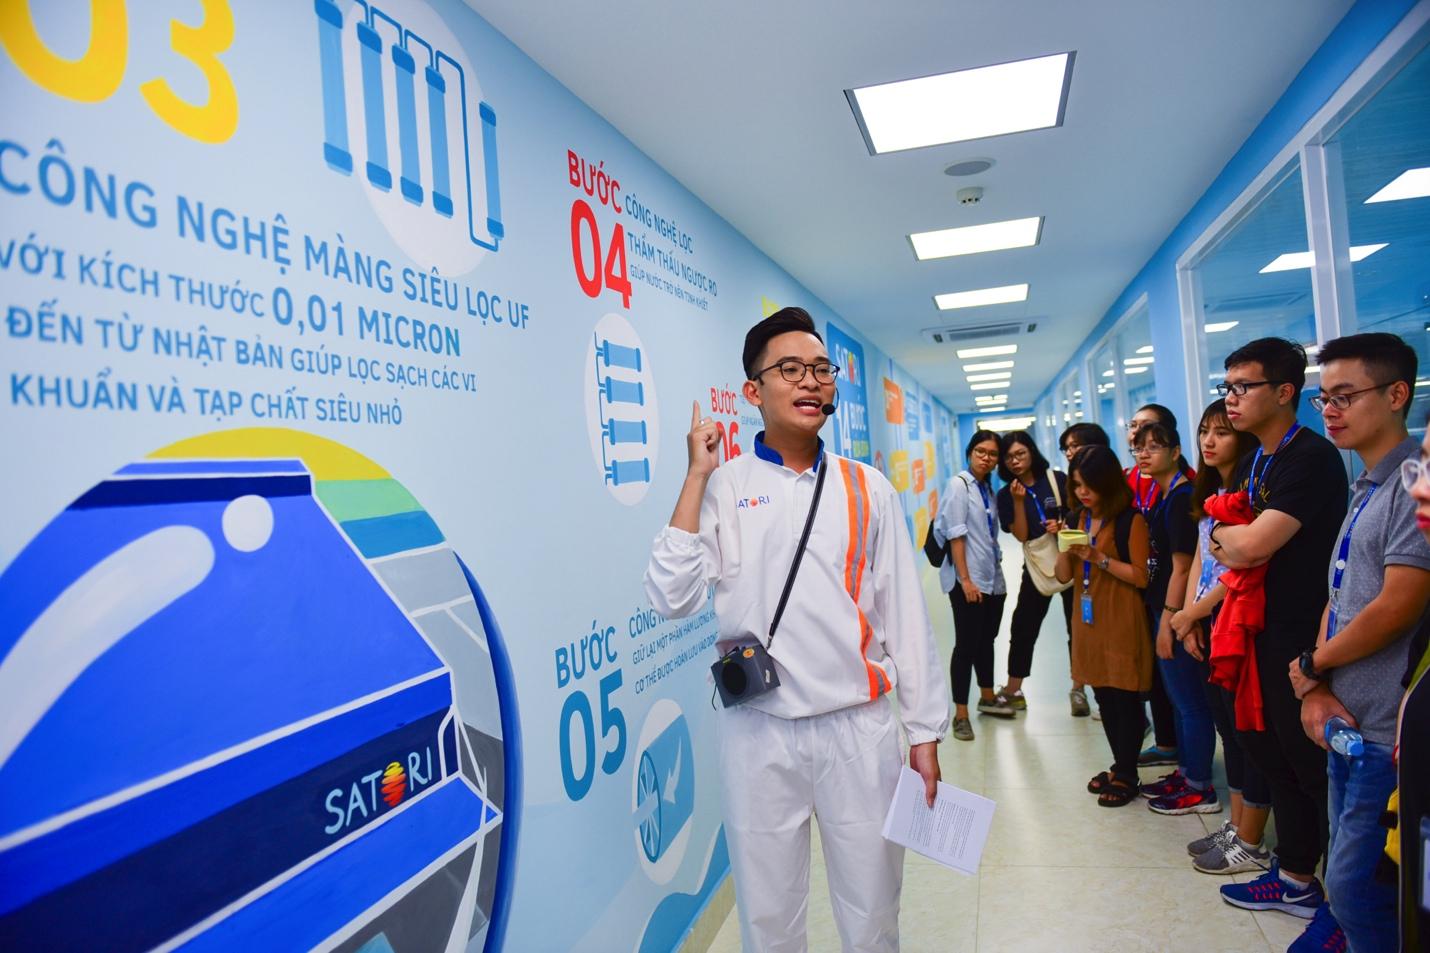 Satori: Điểm trốn Sài Gòn lý tưởng cho giới trẻ - Ảnh 1.